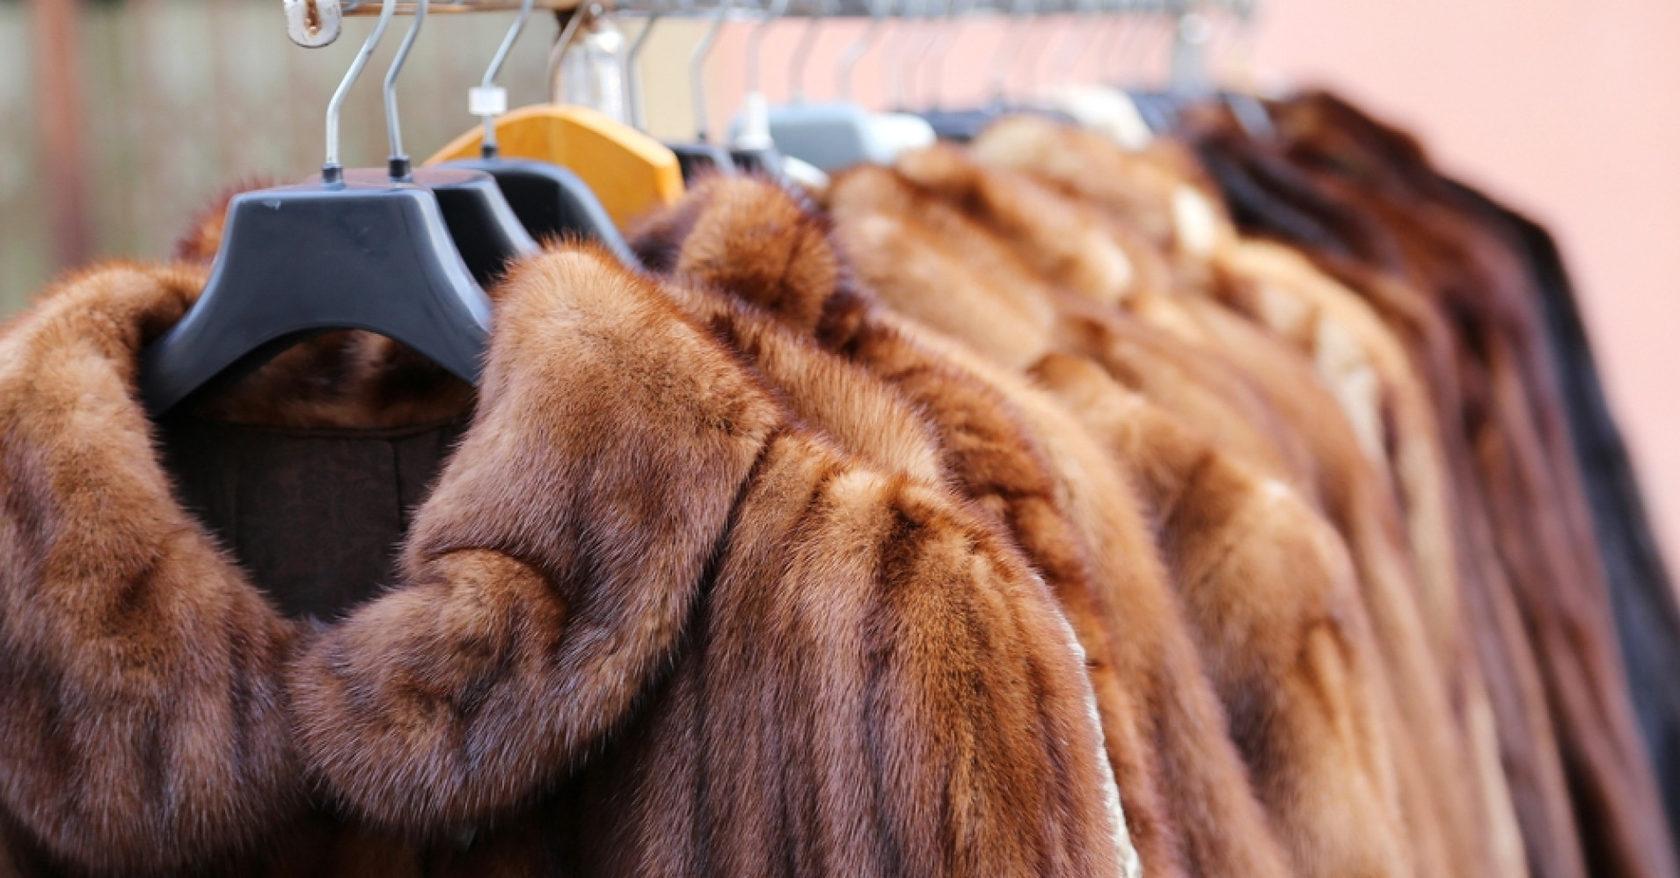 В Дагестане обнаружили 2,7 тысяч немаркированных меховых изделий